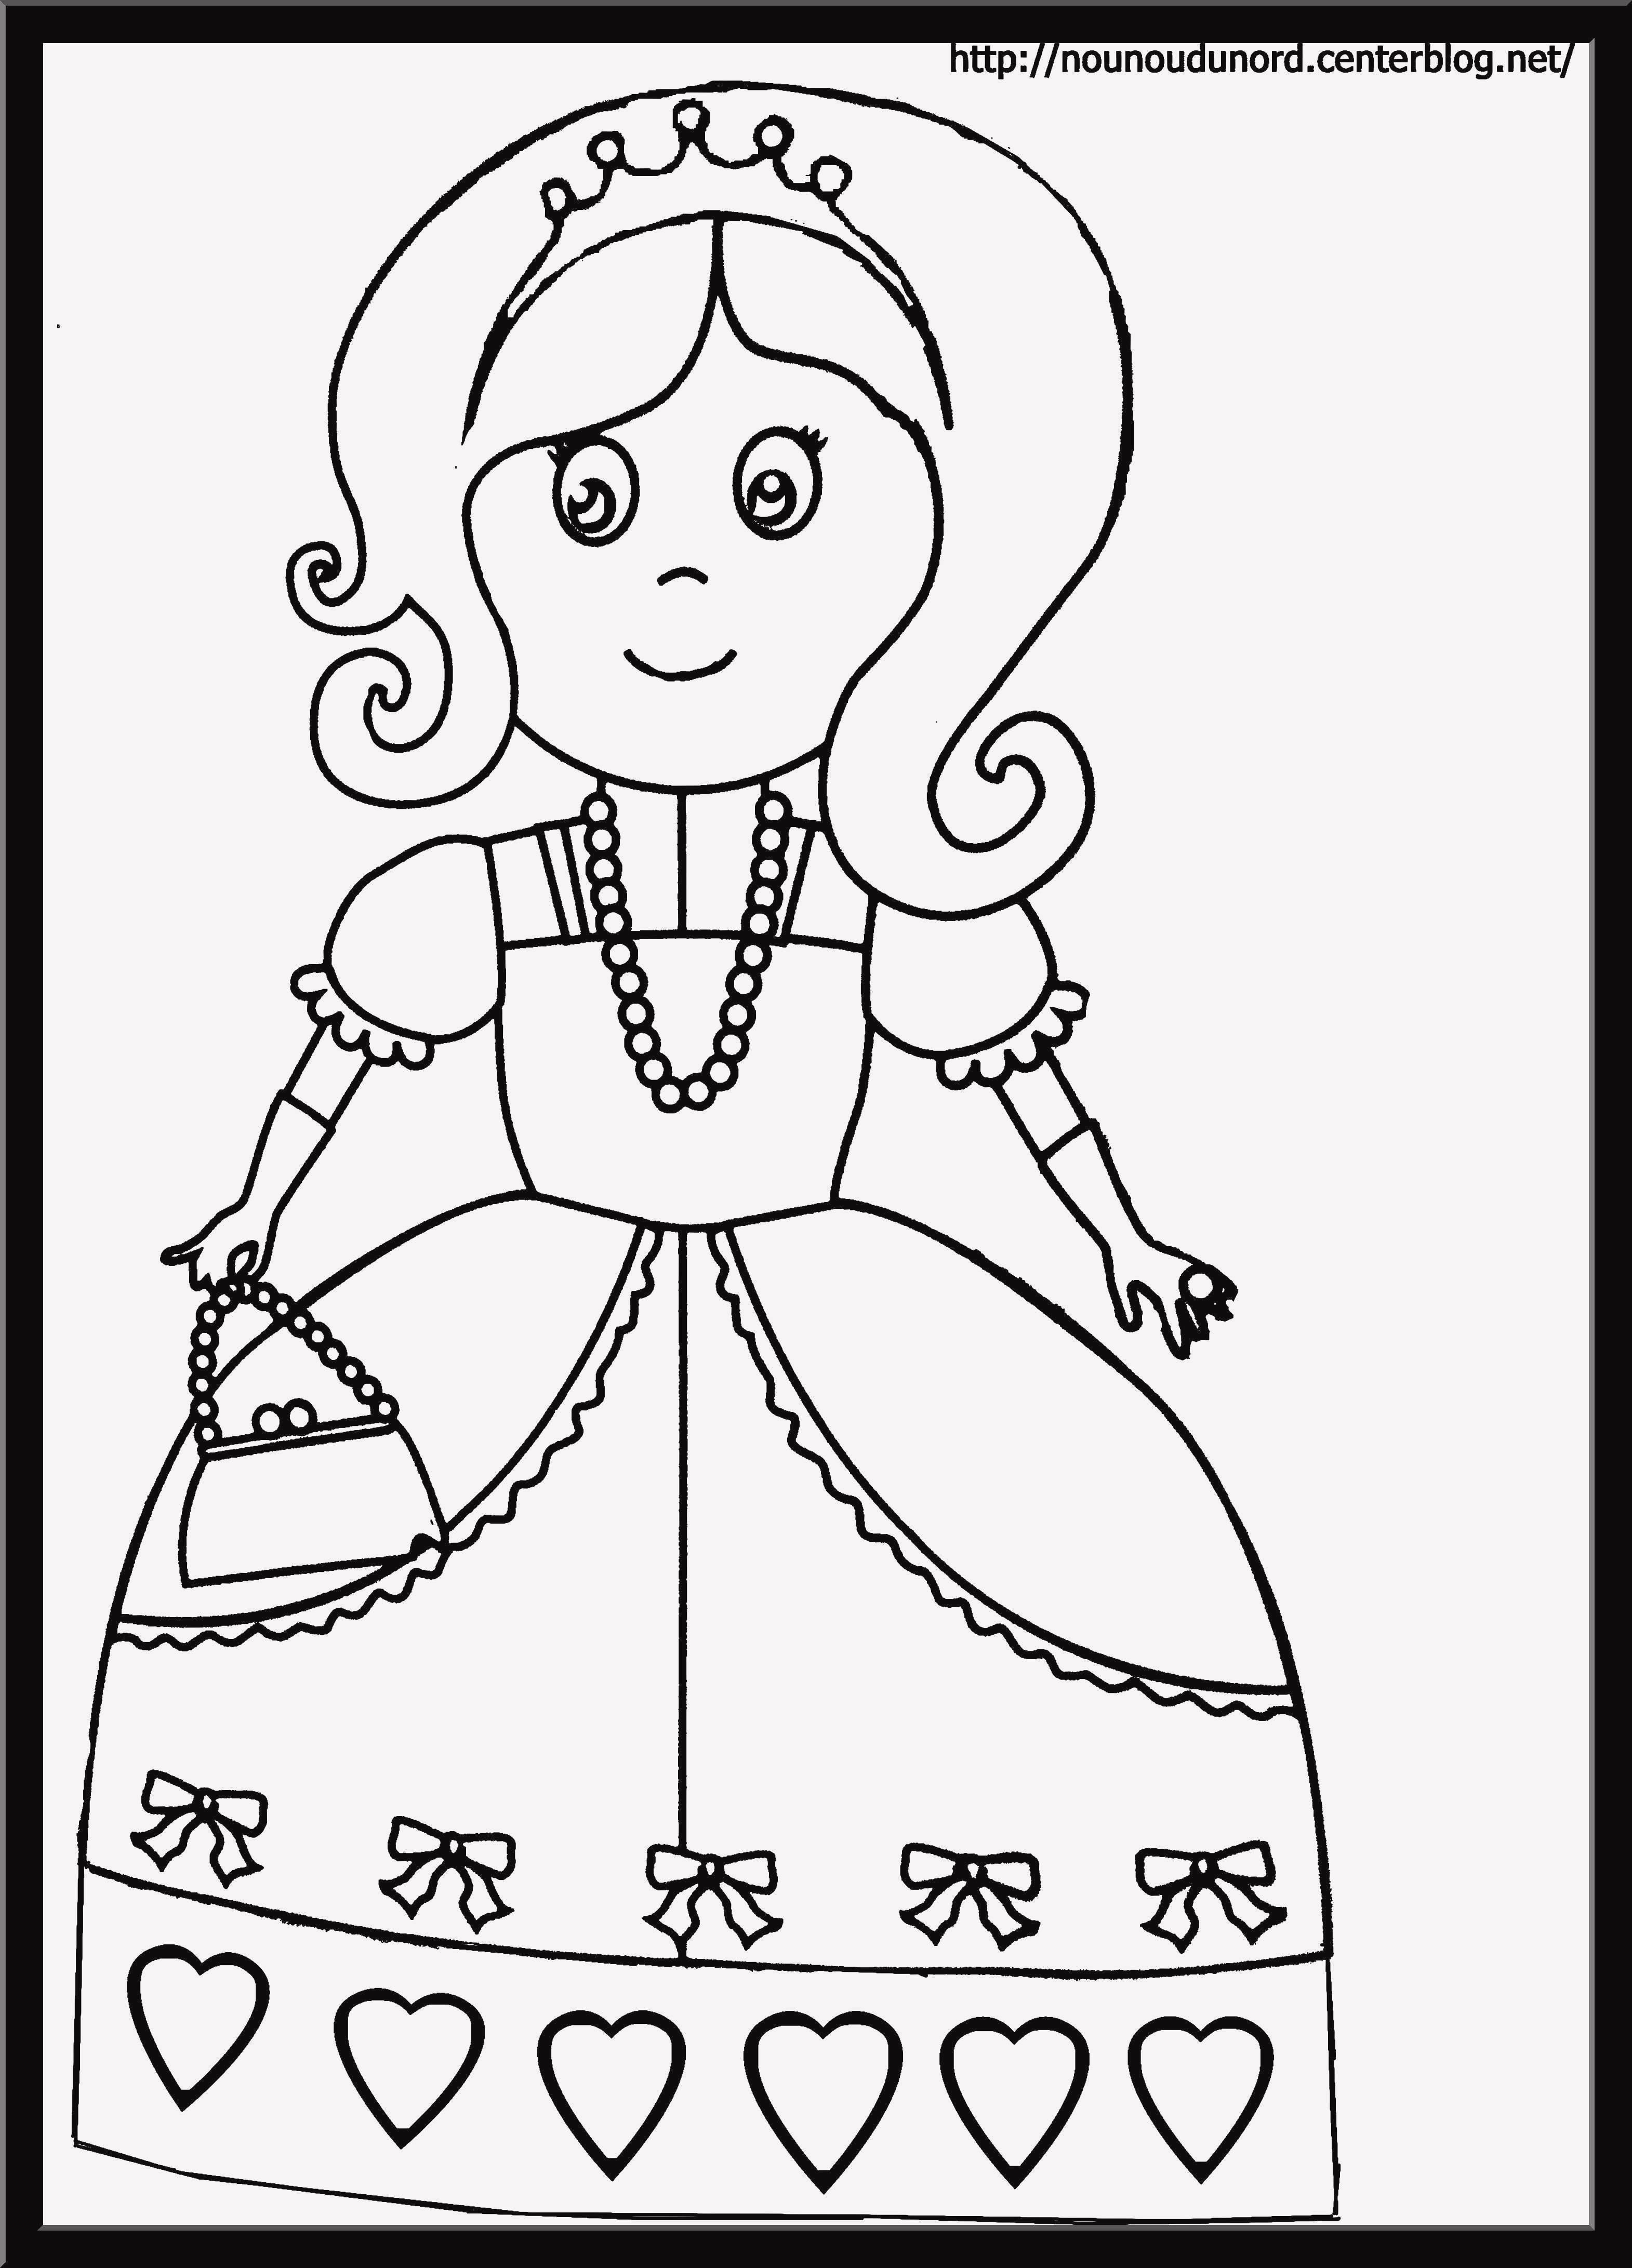 Ausmalbilder Prinzessin sofia Genial 25 Erstaunlich Malvorlage Prinzessin Prinz Galerie